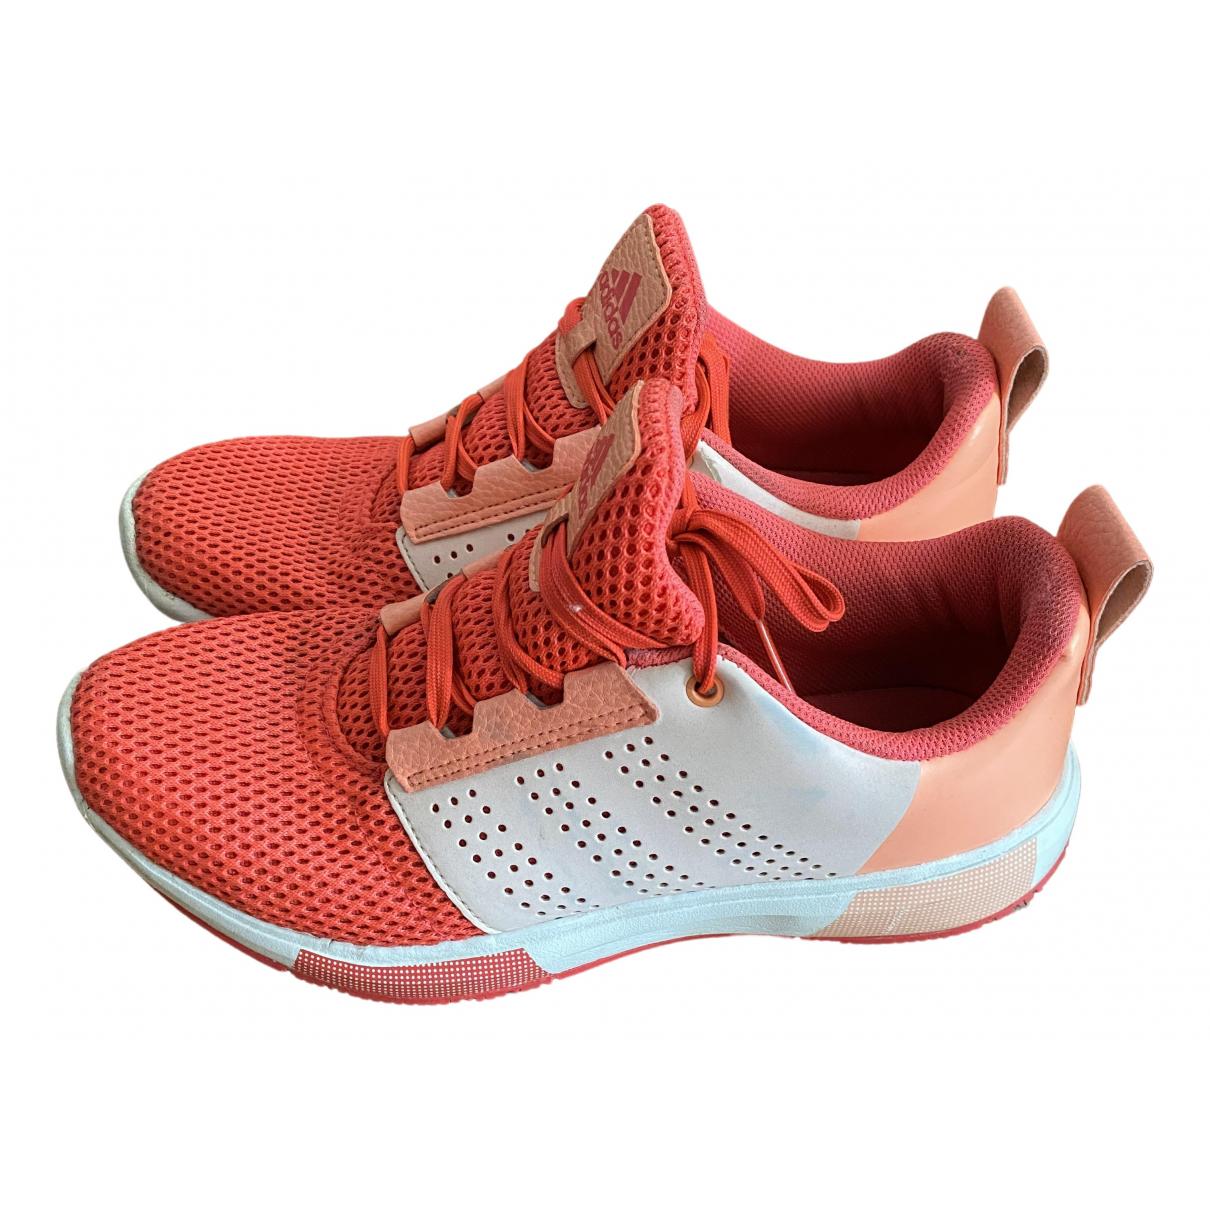 Adidas - Baskets   pour femme - orange